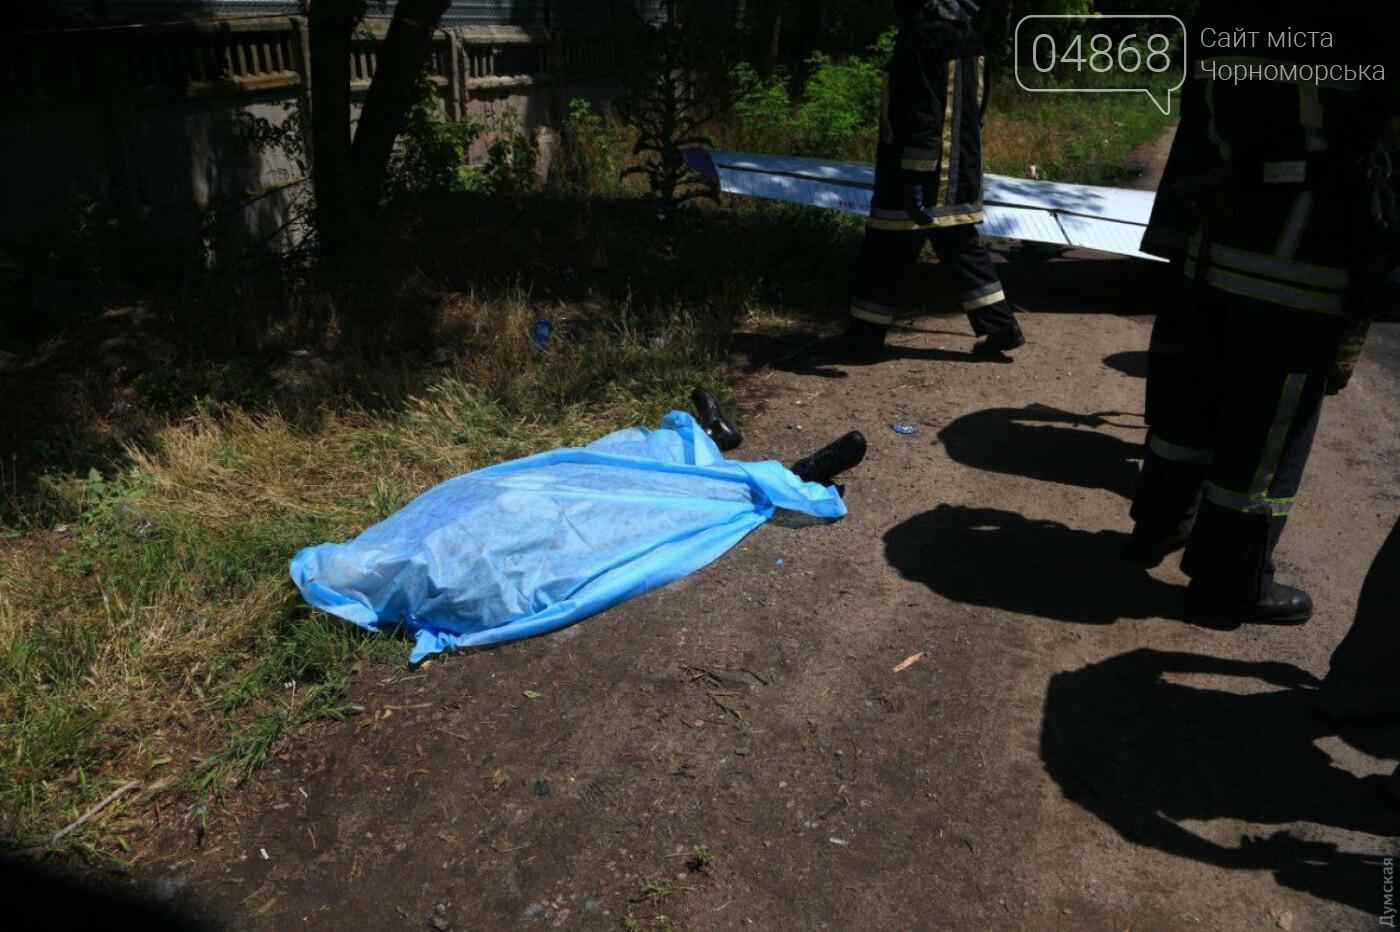 Смертельное ЧП: в Одессе разбился самолет авиазавода (обновлено), фото-7